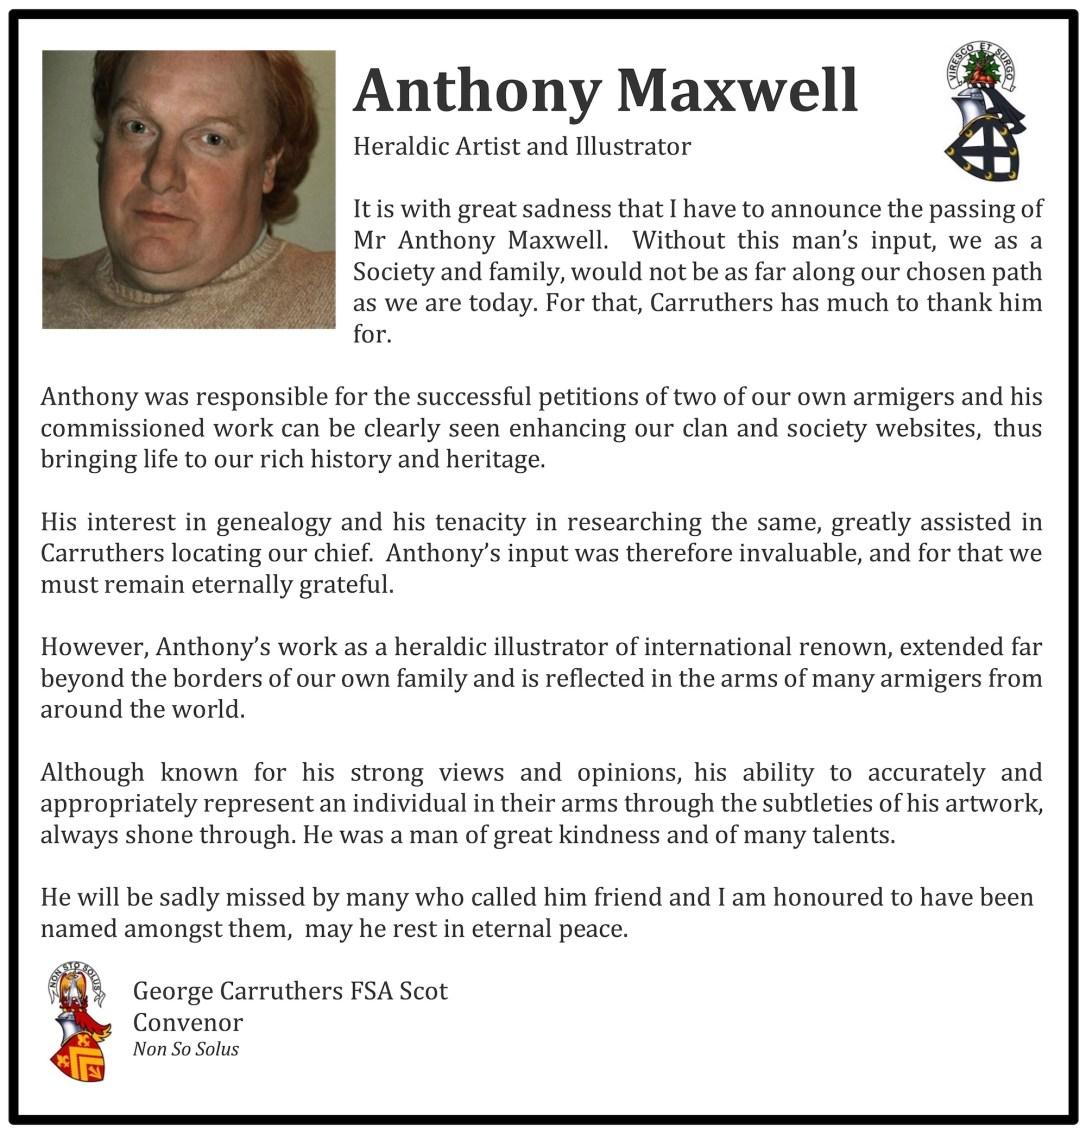 Anthony Maxwell obituary 2